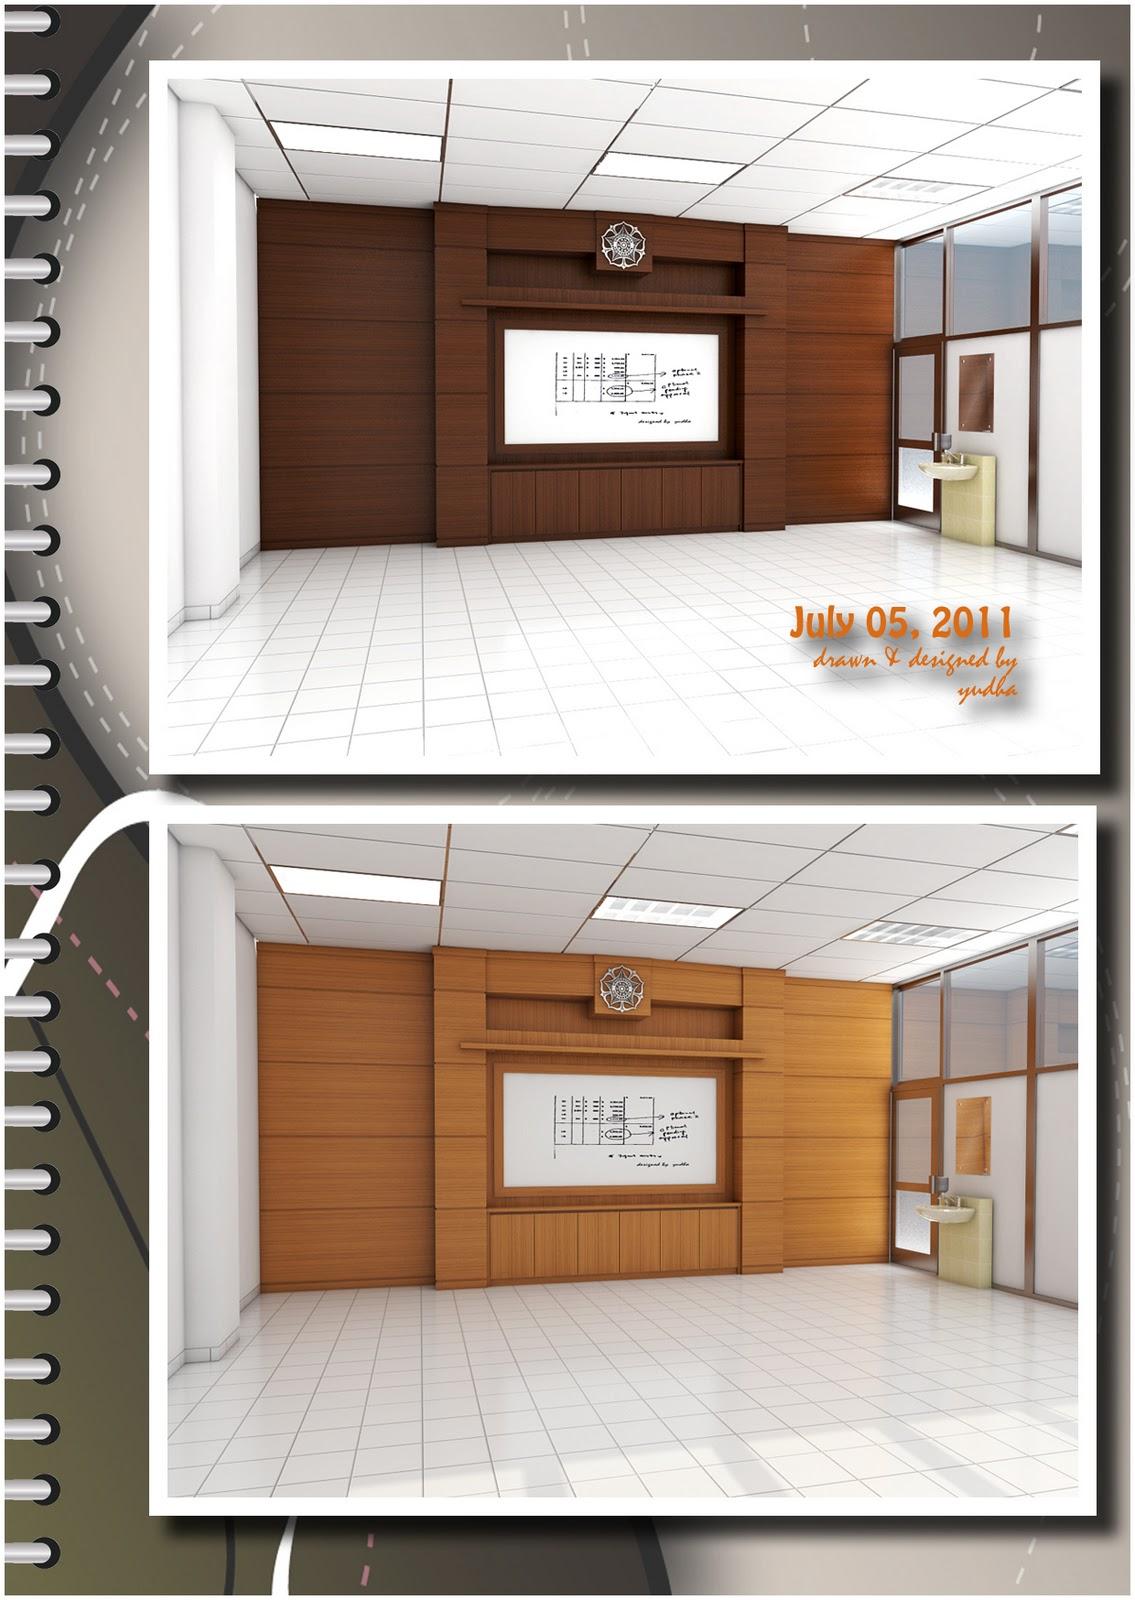 Interior Ruang Pelayanan juni 2012 interior desain solo